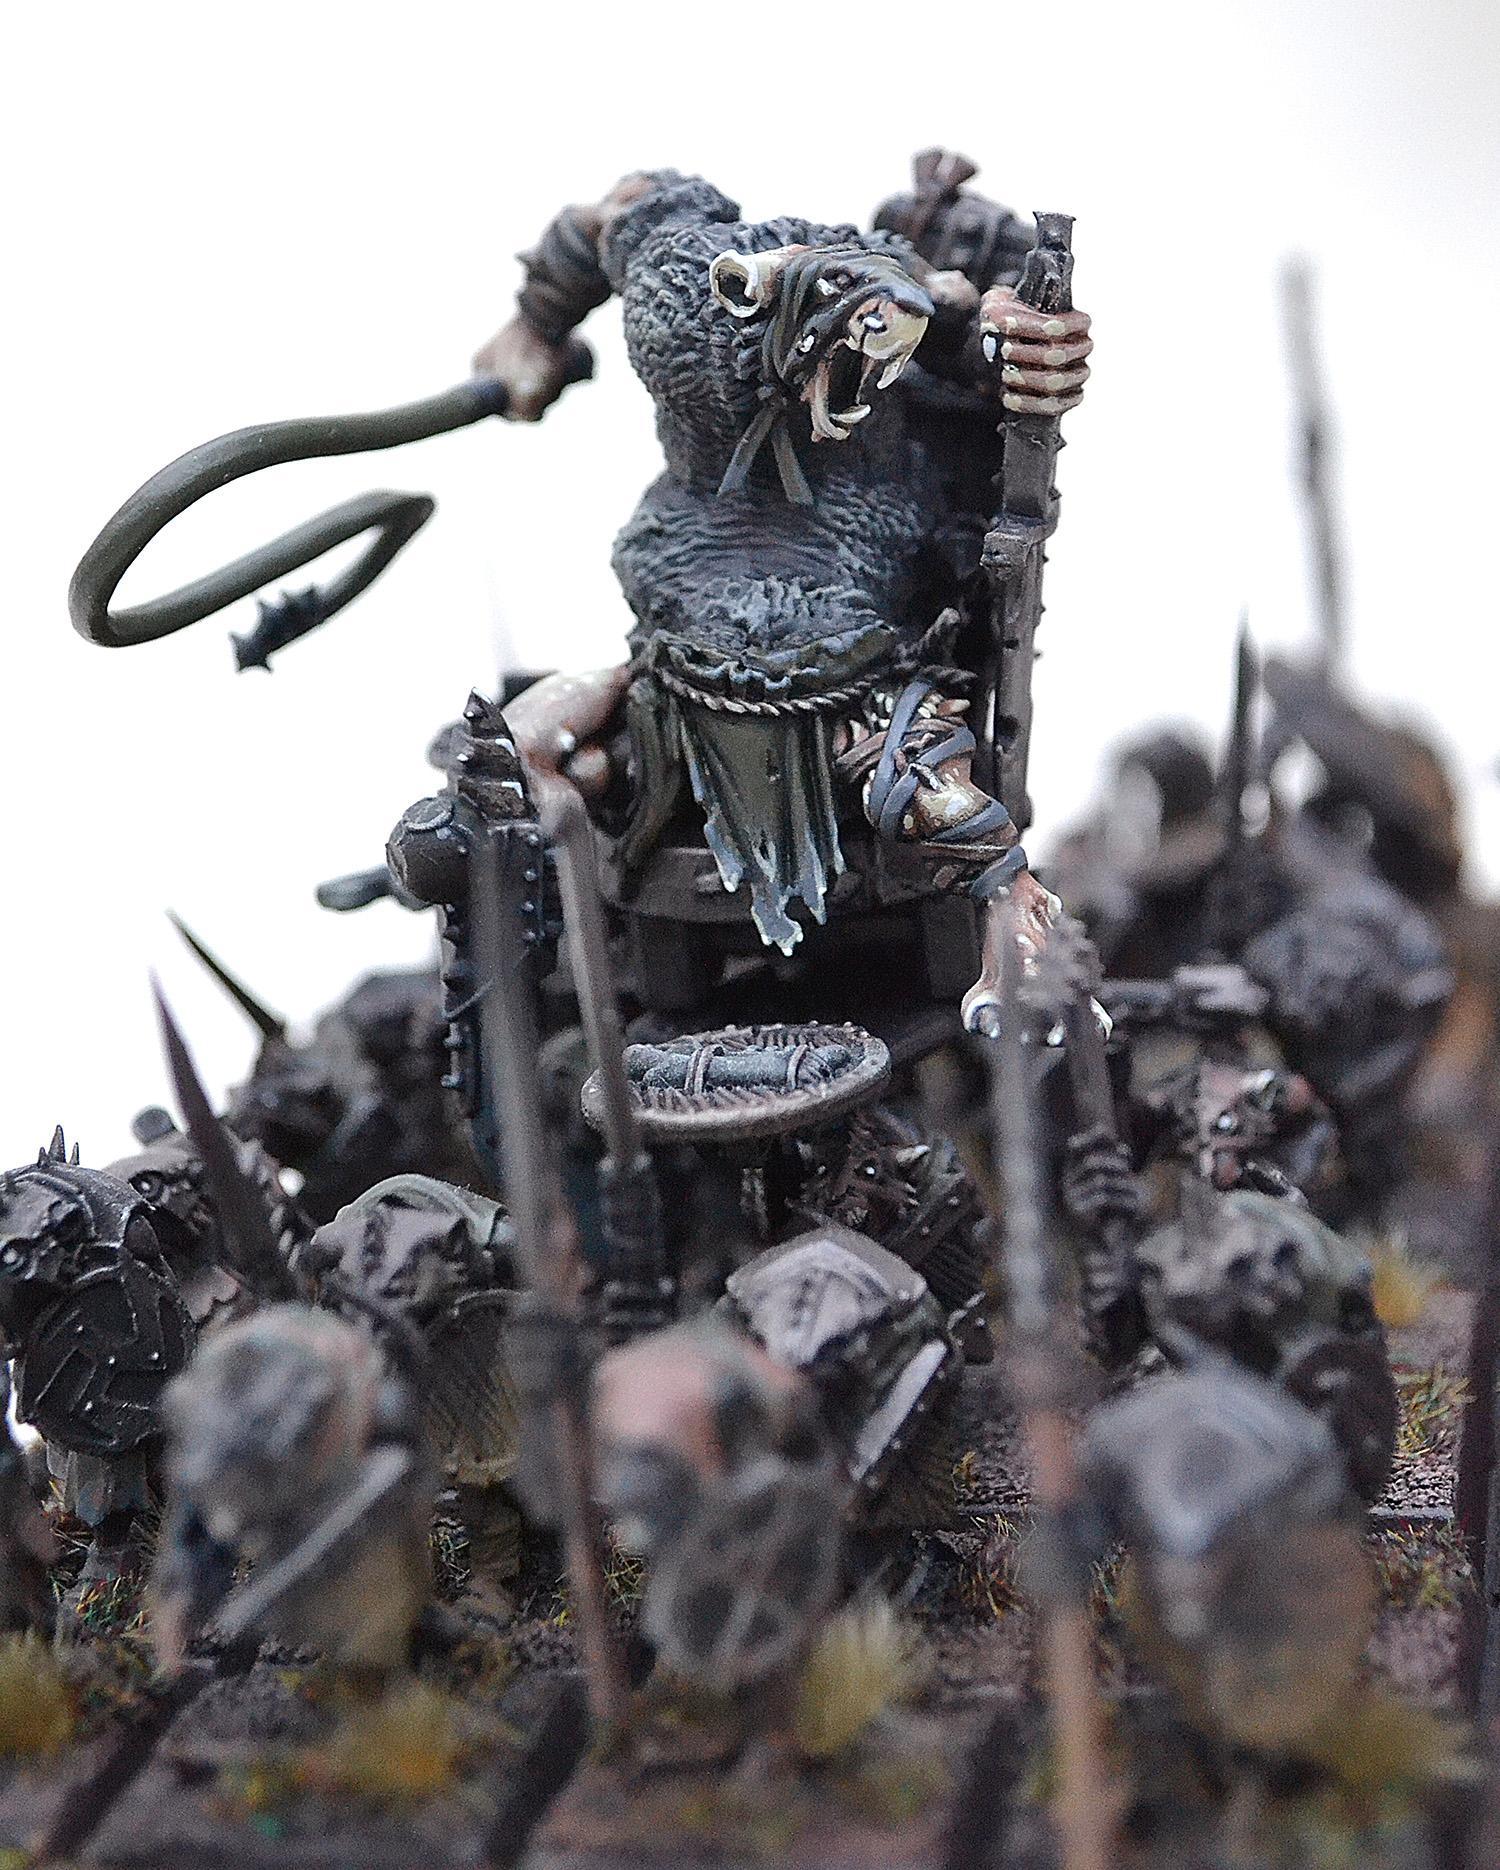 Kitbash, Skaven, Warlord